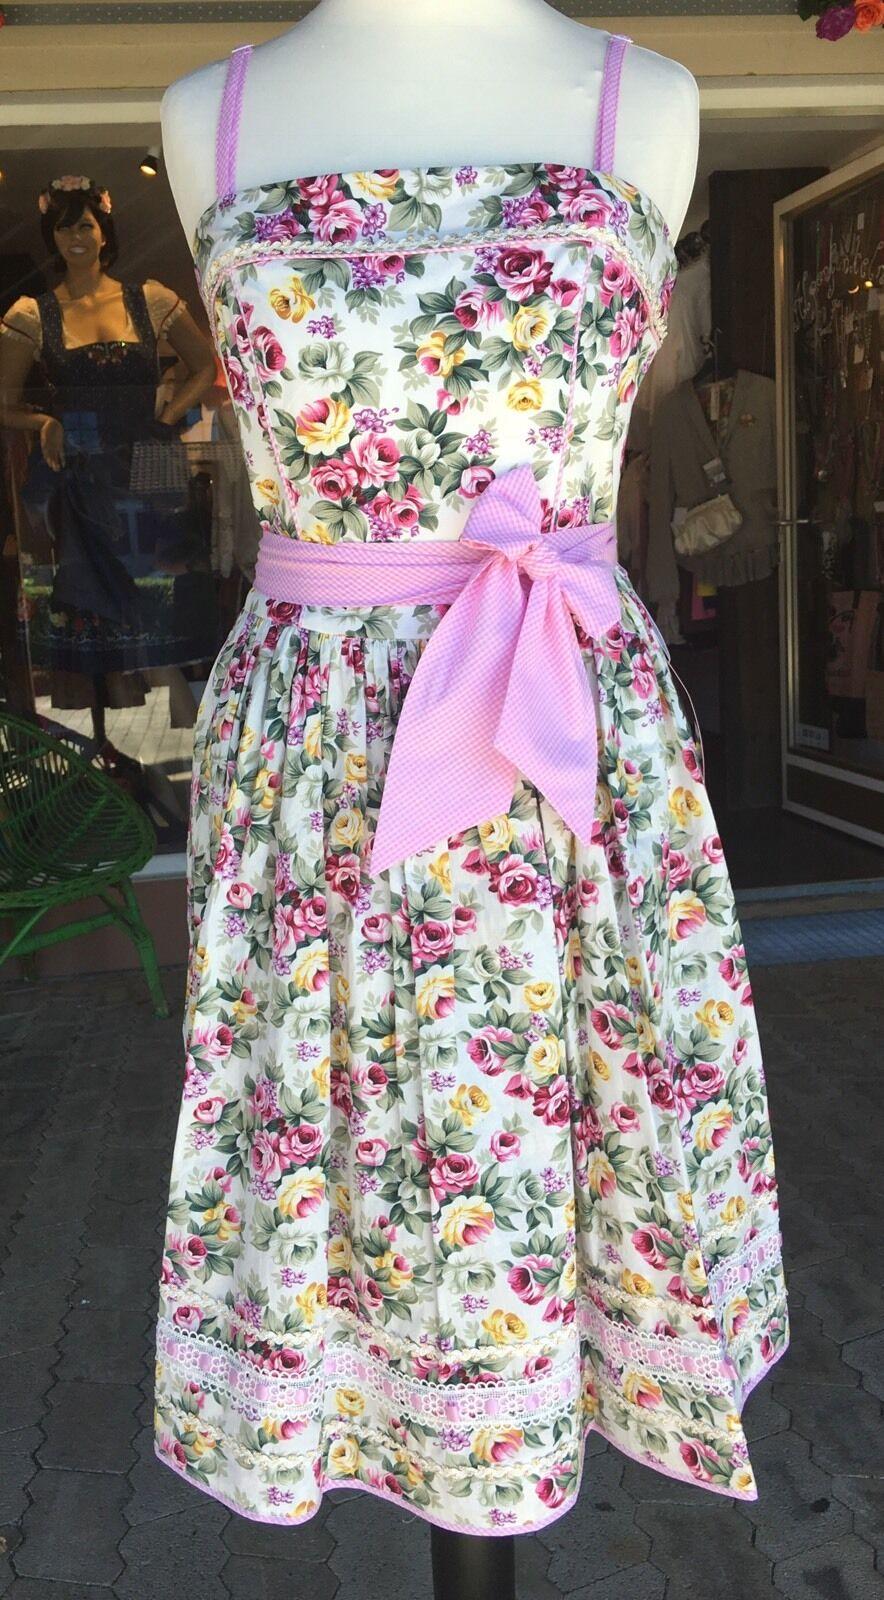 Krüger Madl Kleid, Sommerkleid, Dirndlkleid geblümt Lissabonn Gr 32 Trägerlos | Qualitätsprodukte  | Verkauf  | Die Königin Der Qualität